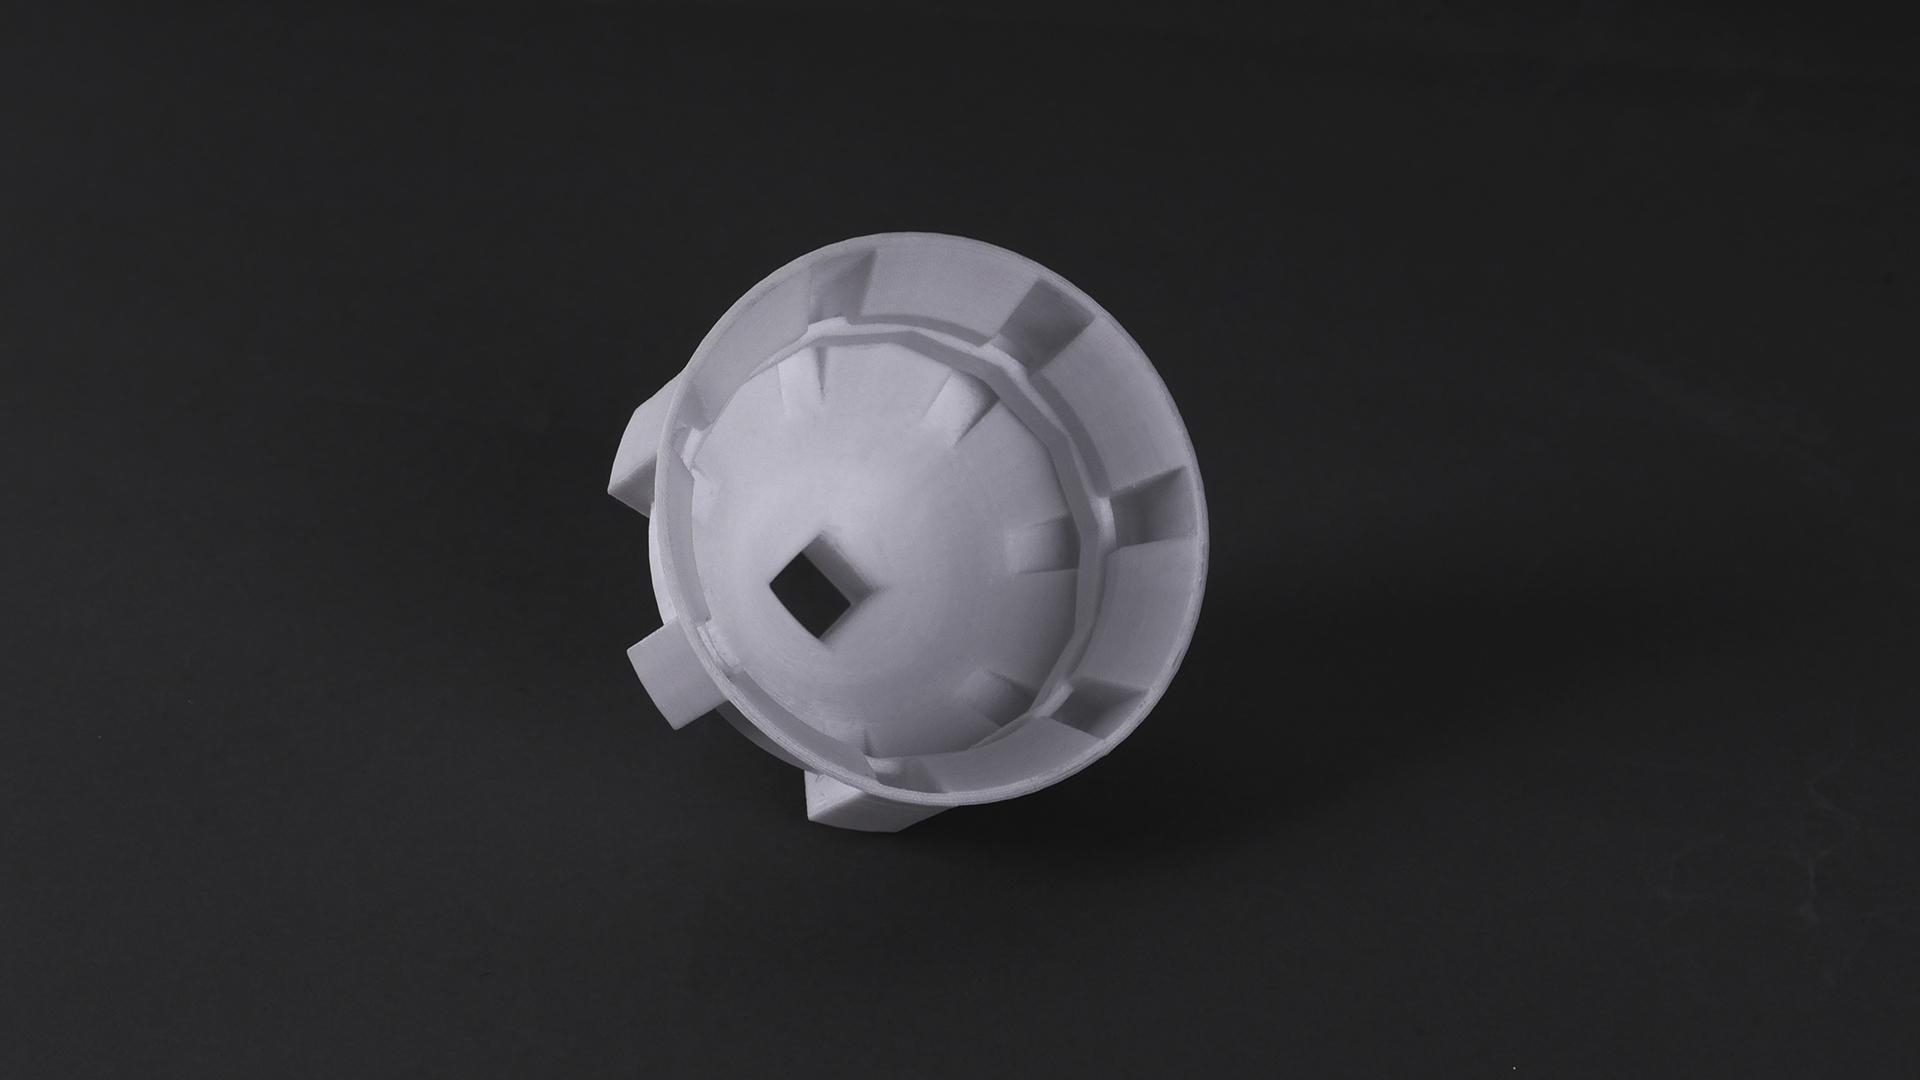 Oil filter 3D printed by Mankati E 180 3D printer & mPC-S filament - 2